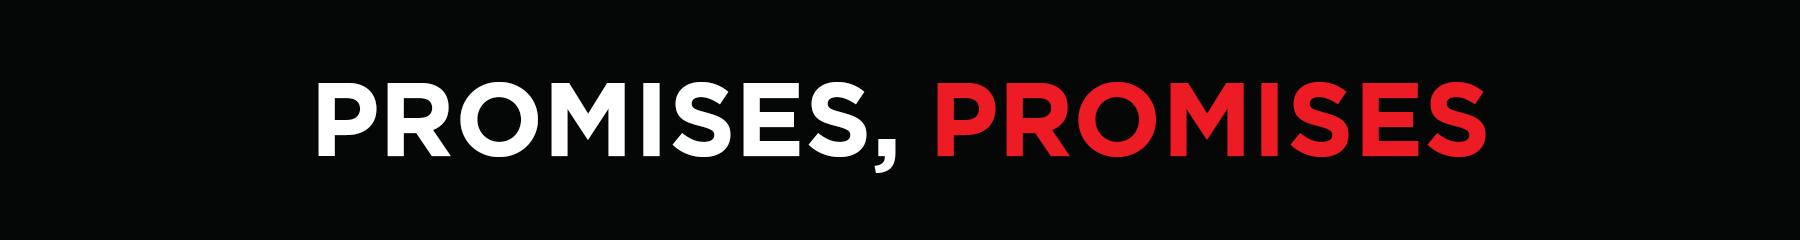 Promises,-Promises